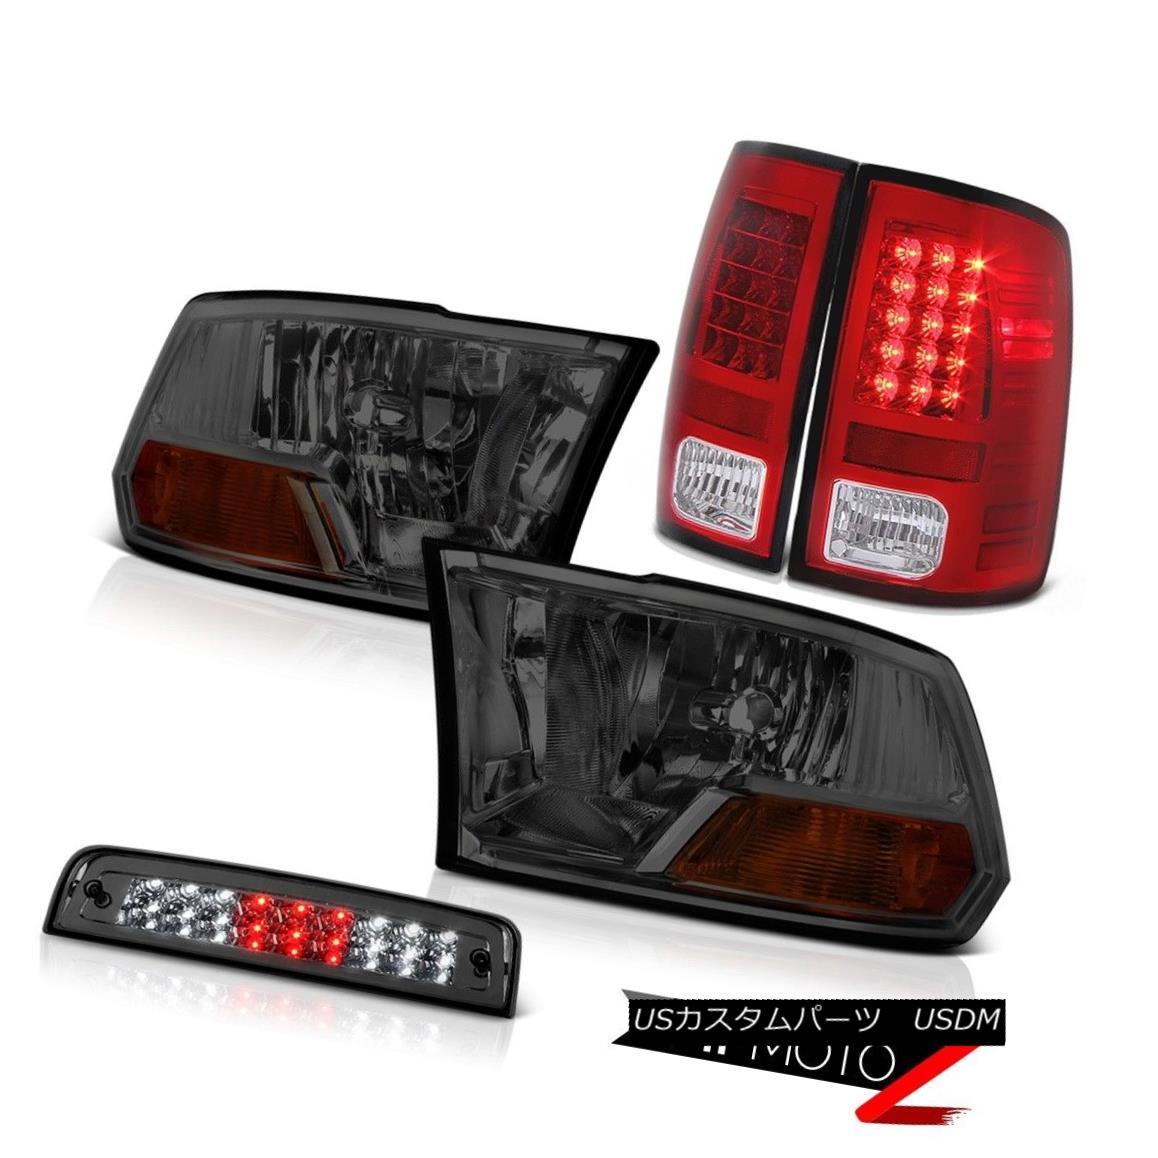 テールライト 09-18 Ram 1500 2500 3500 6.4L Roof Cab Lamp Wine Red Rear Brake Lights Headlamps 09-18ラム1500 2500 3500 6.4Lルーフキャブランプワインレッドリアブレーキライトヘッドランプ